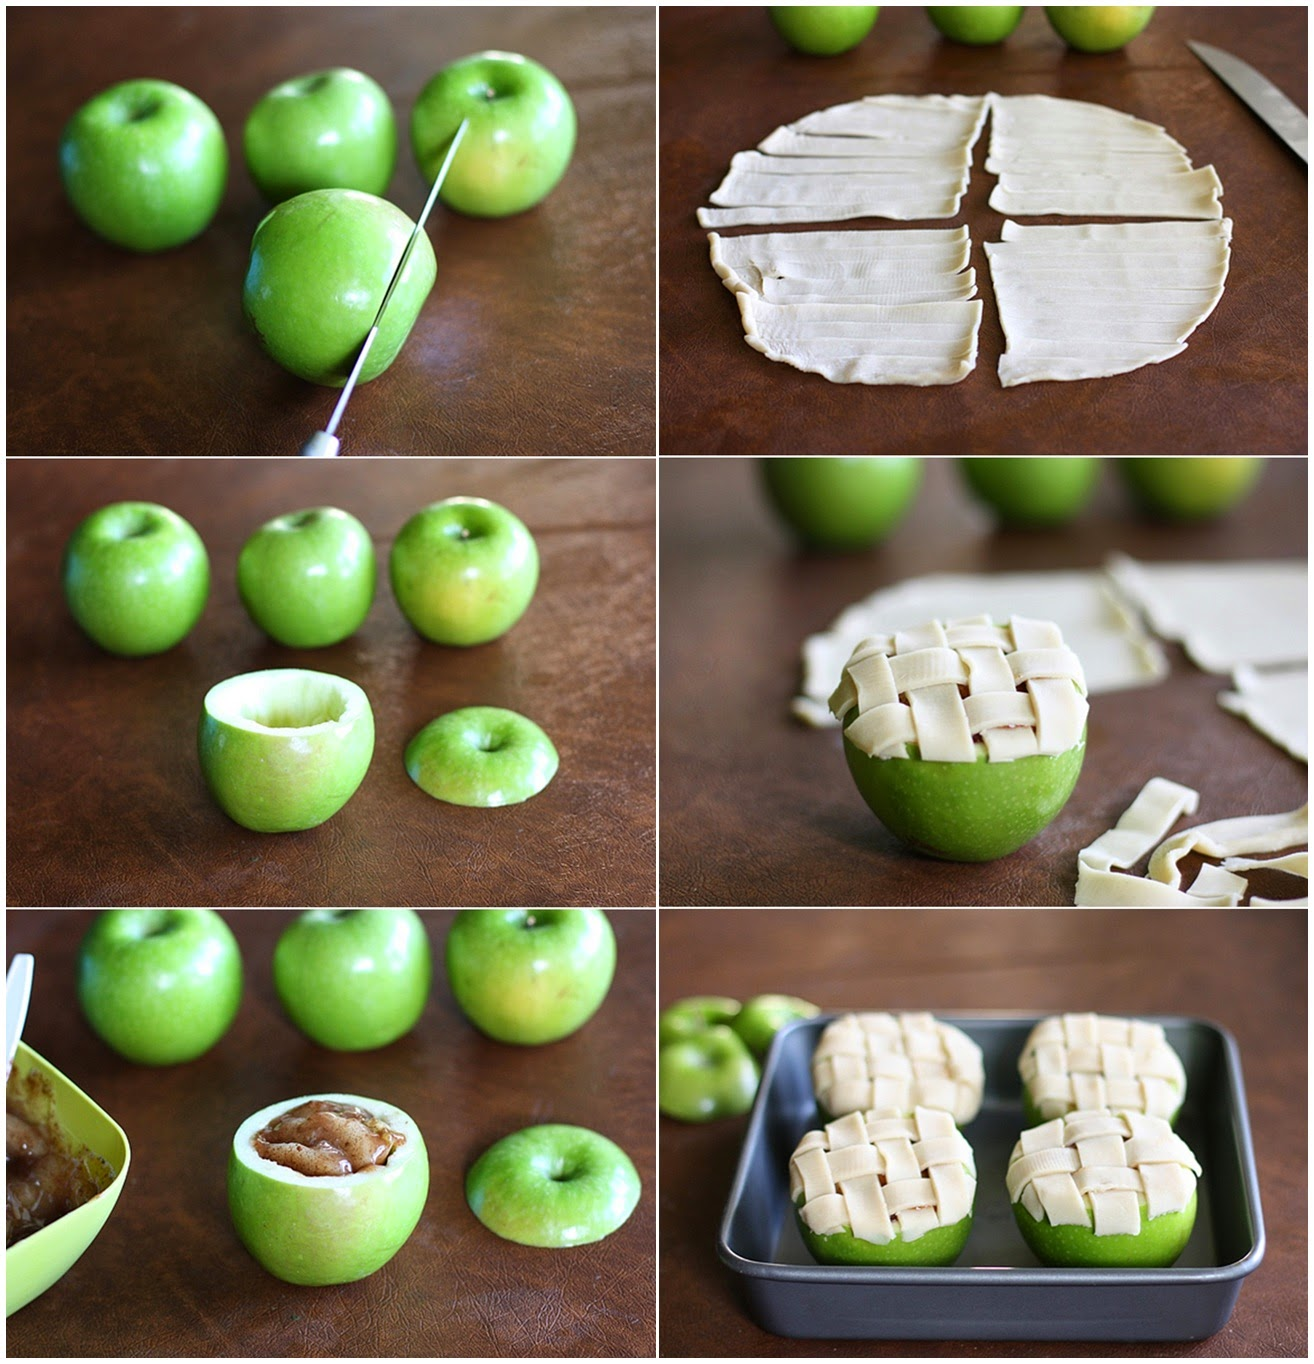 DIY Apple Pie Baked In An Apple